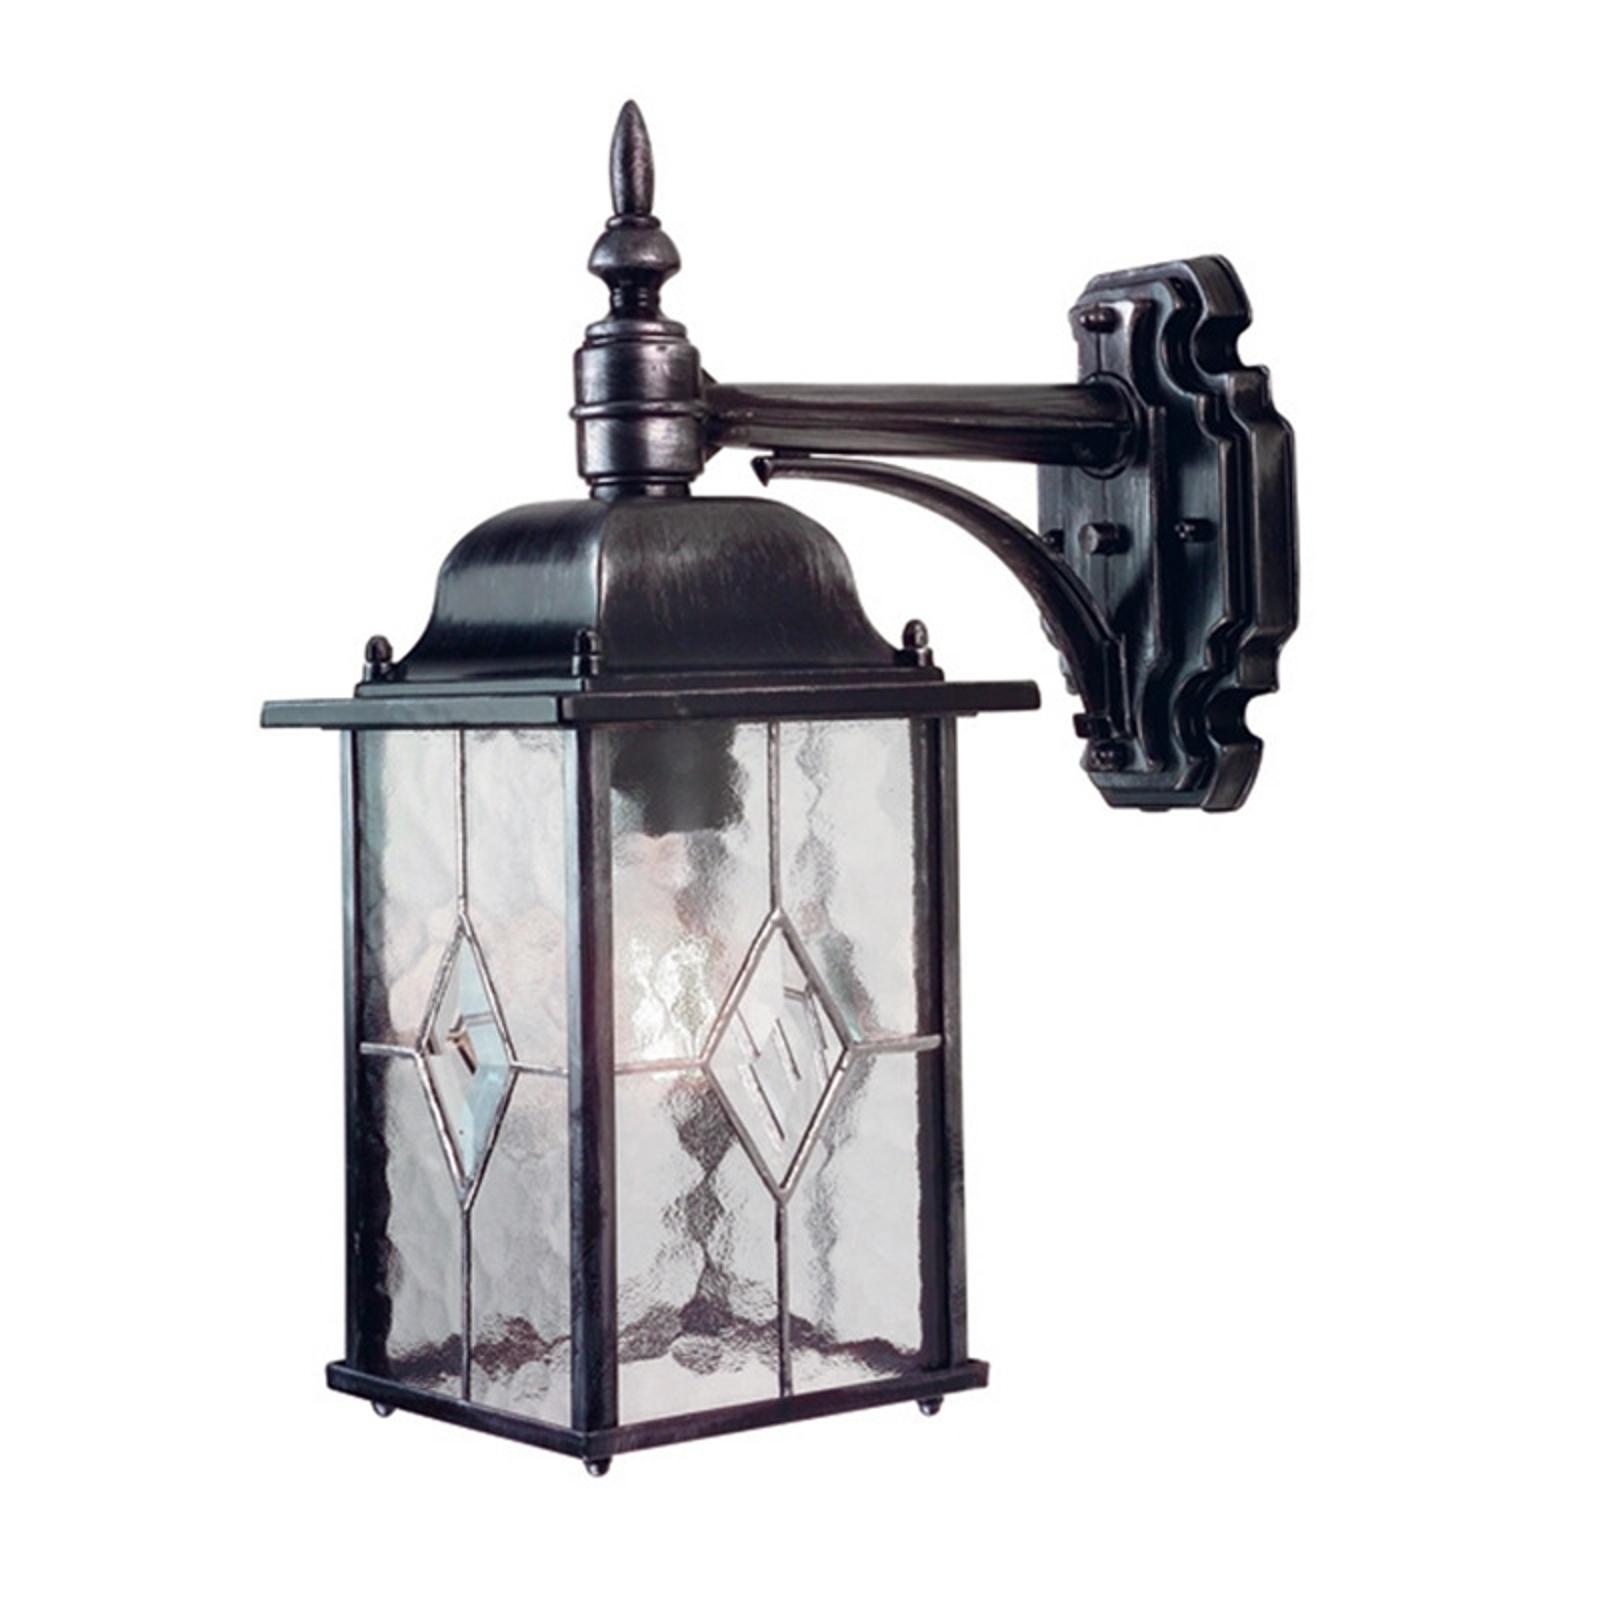 WEXFORD udendørs væglampe i laterneform